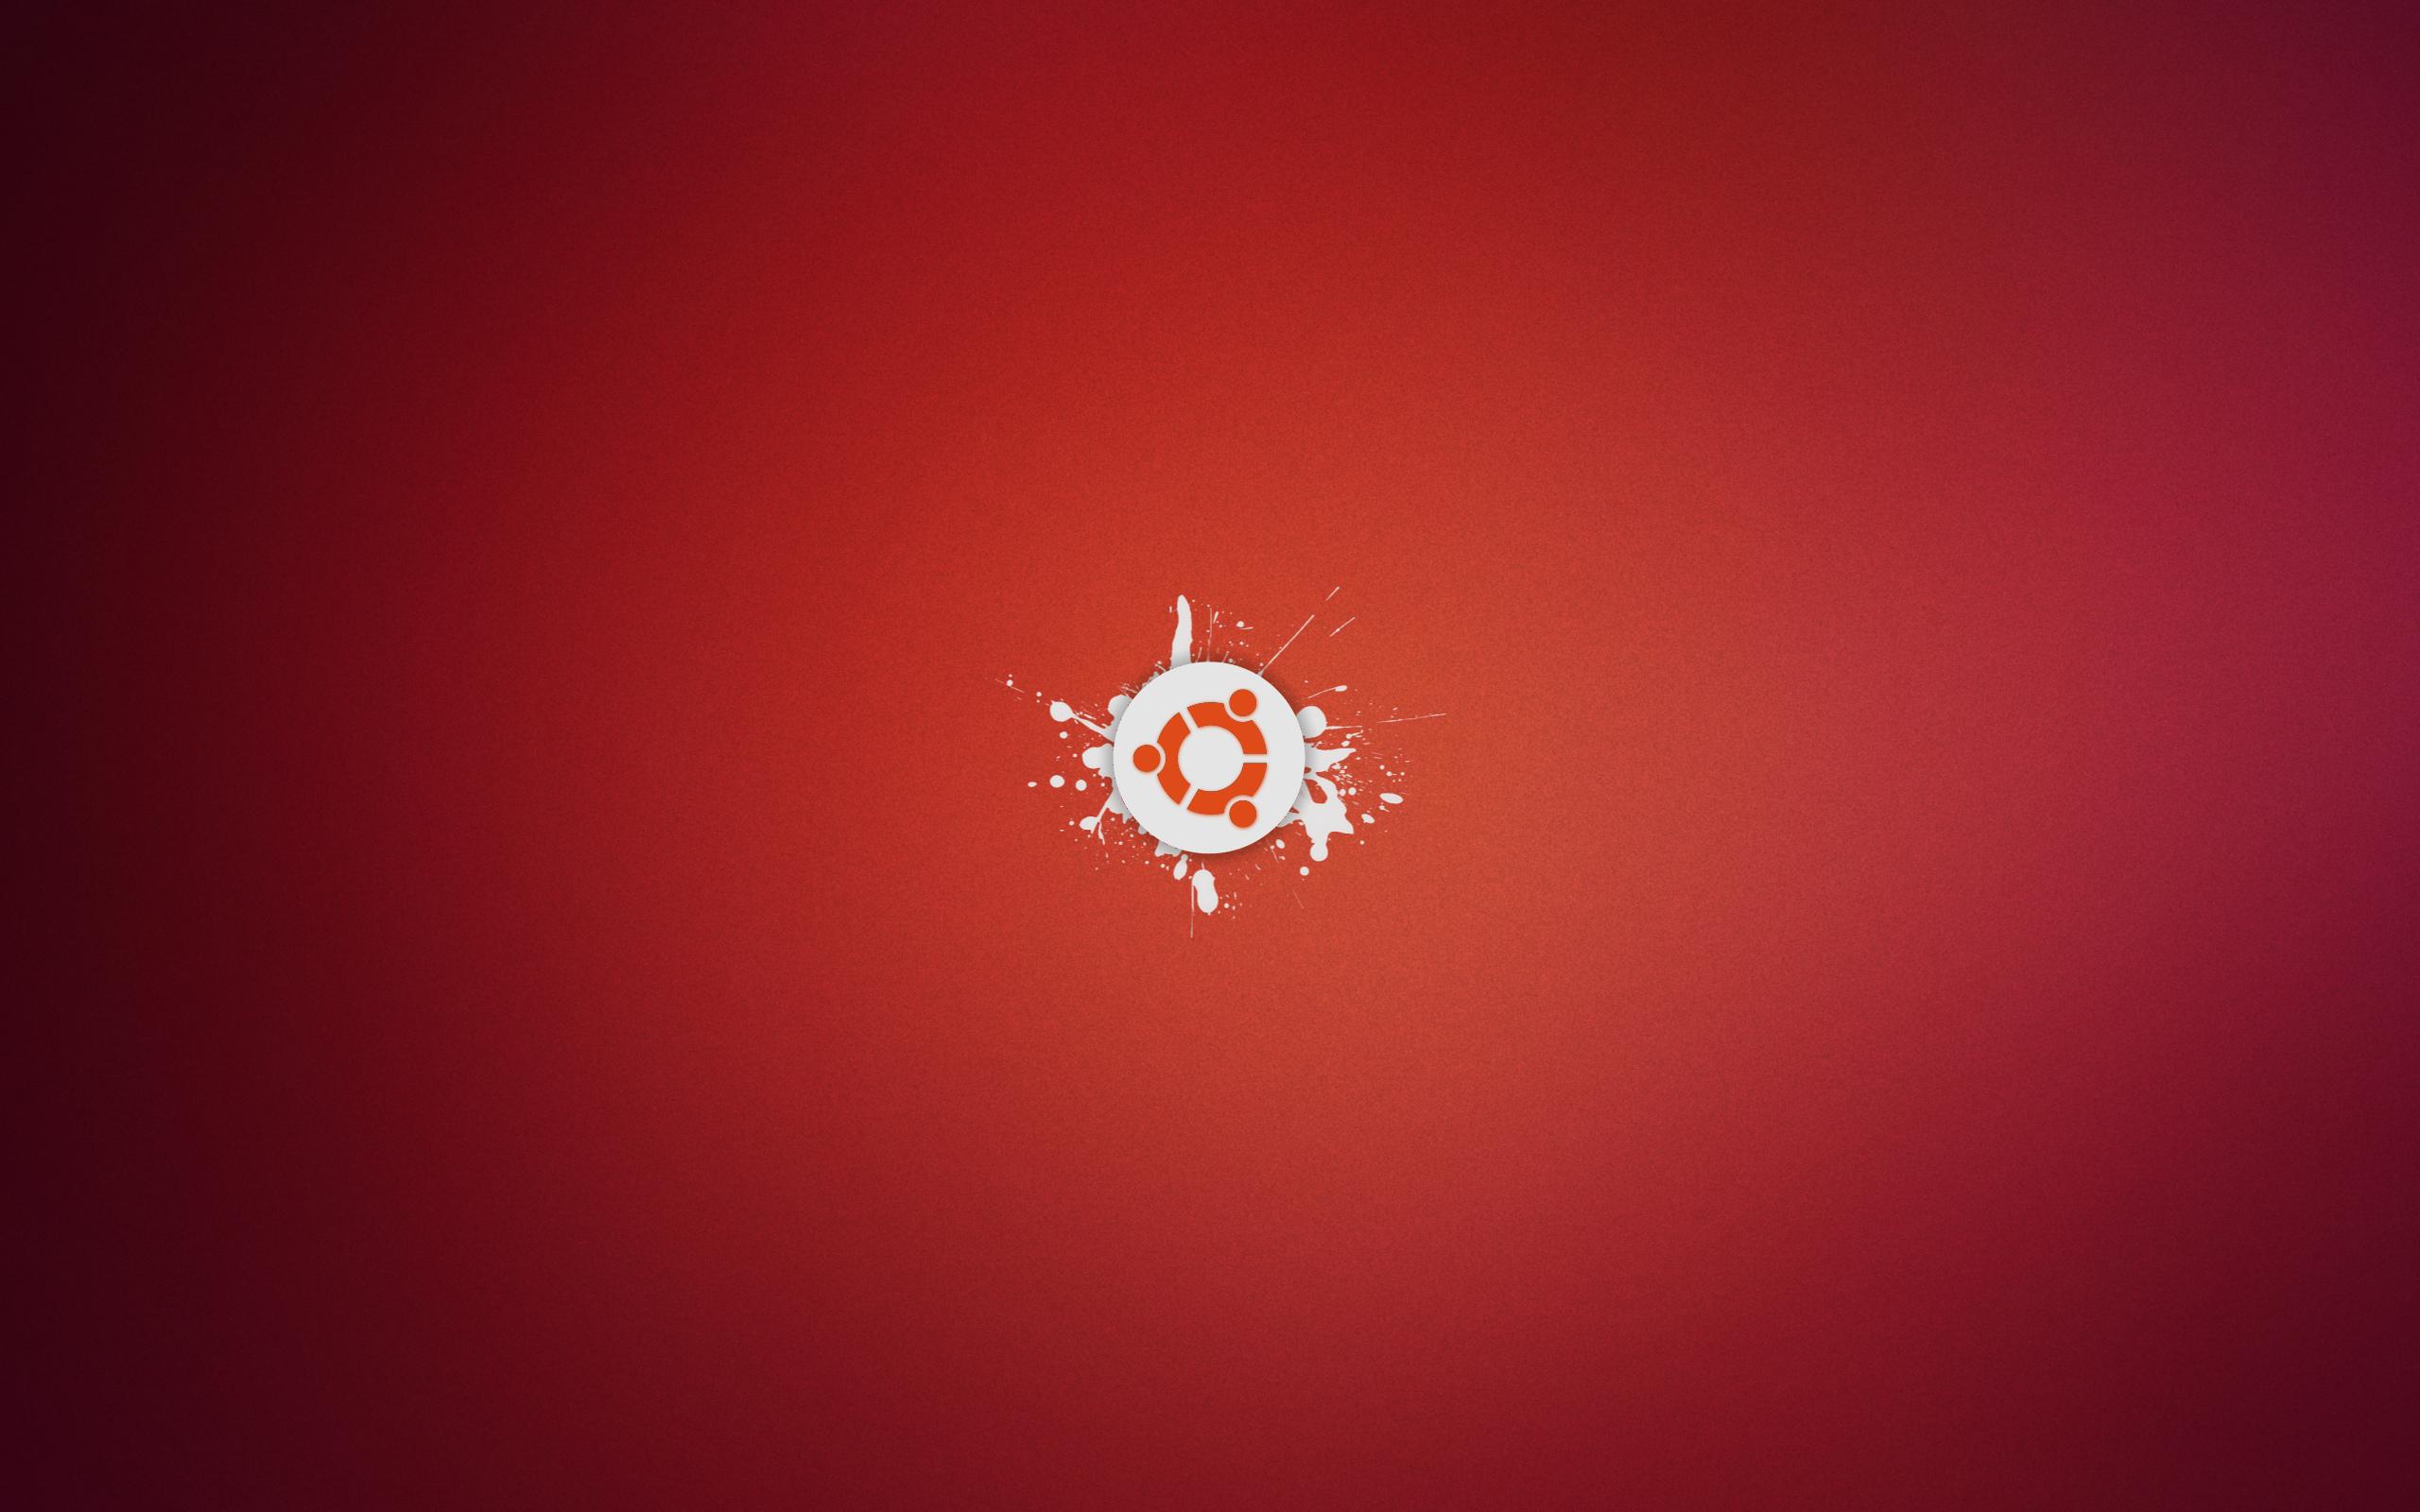 Choice wallpaper for Ubuntu   Tux planet 2560x1600